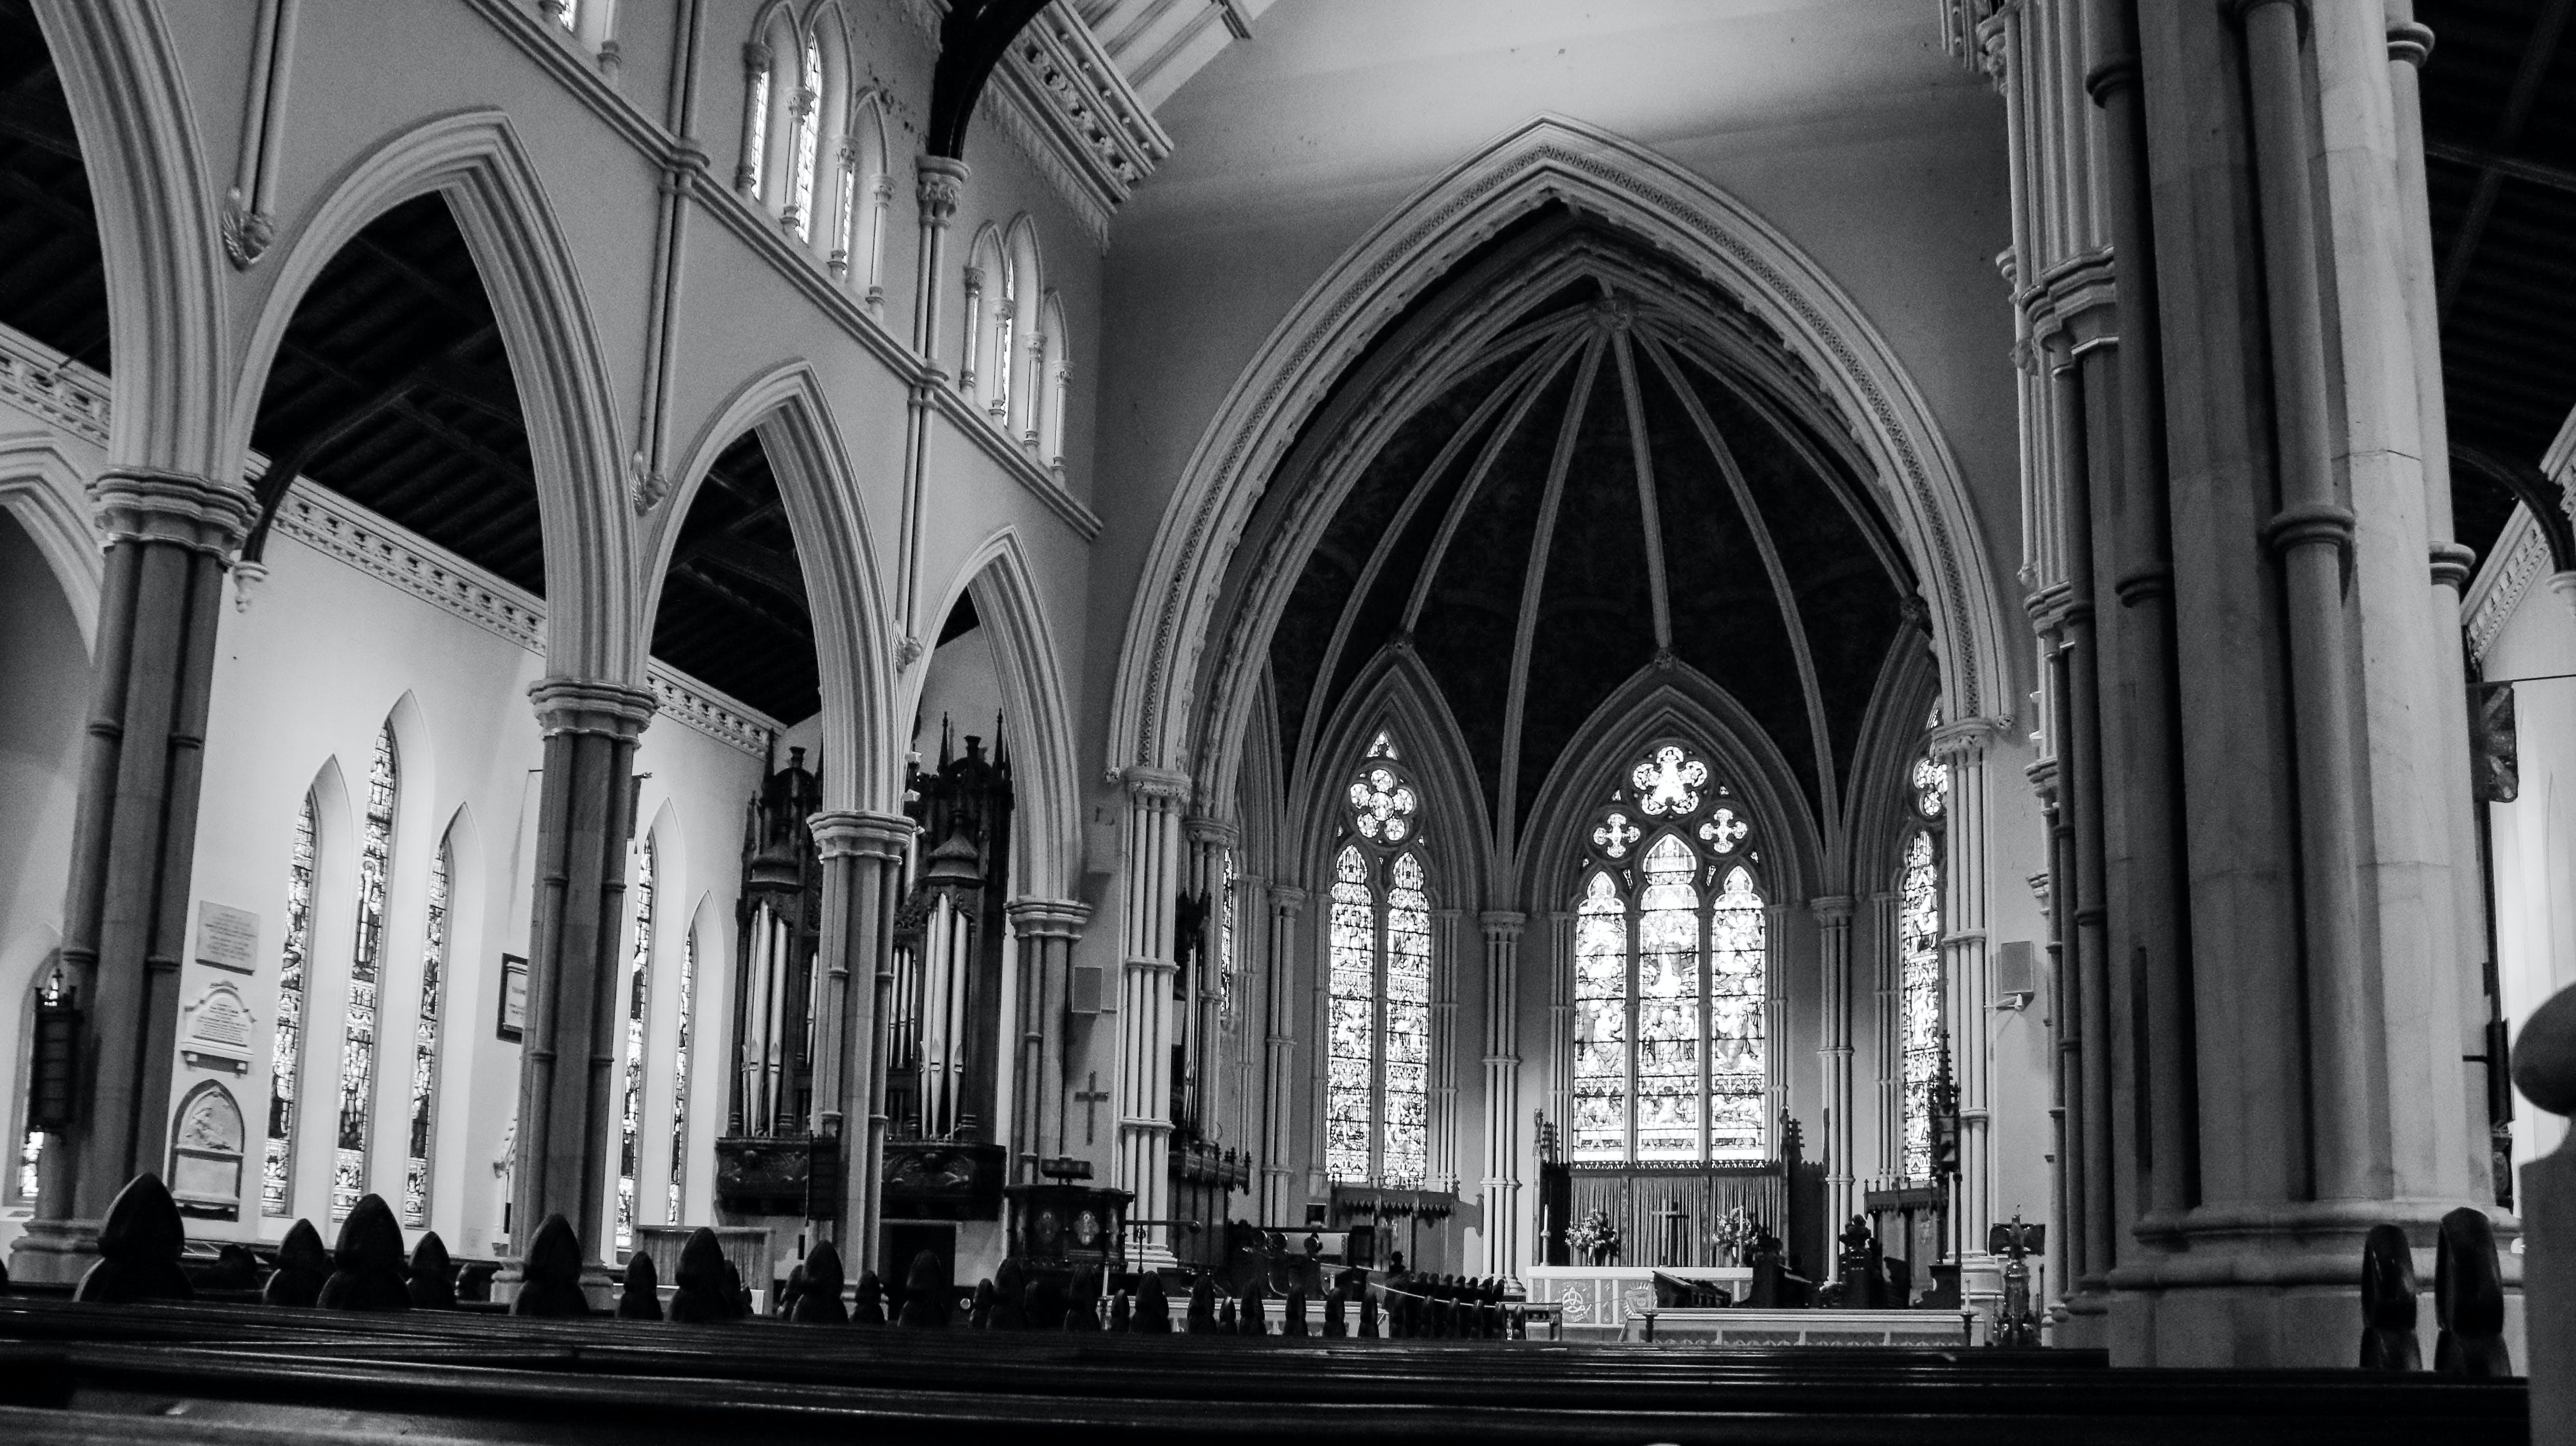 고대 교회, 교회, 대성당, 도심의 무료 스톡 사진